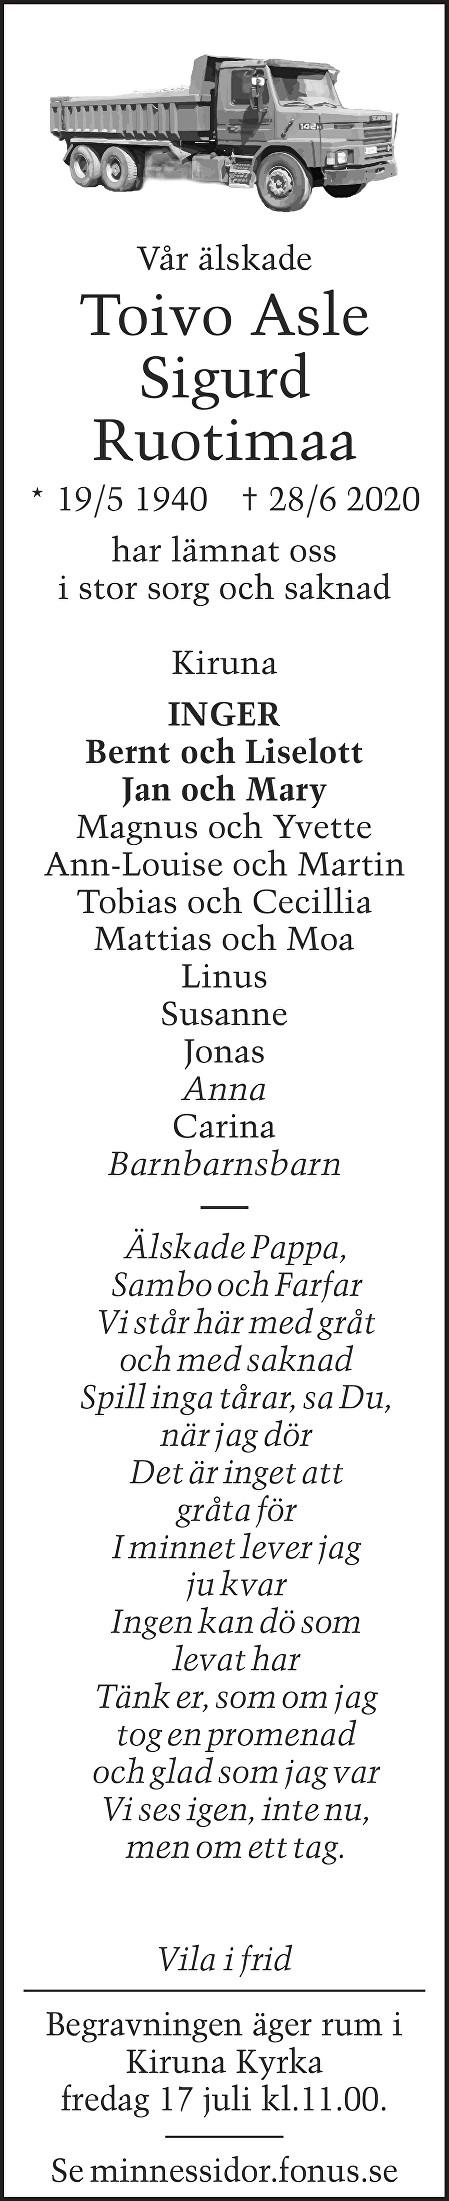 Toivo Asle Sigurd Ruotimaa Death notice